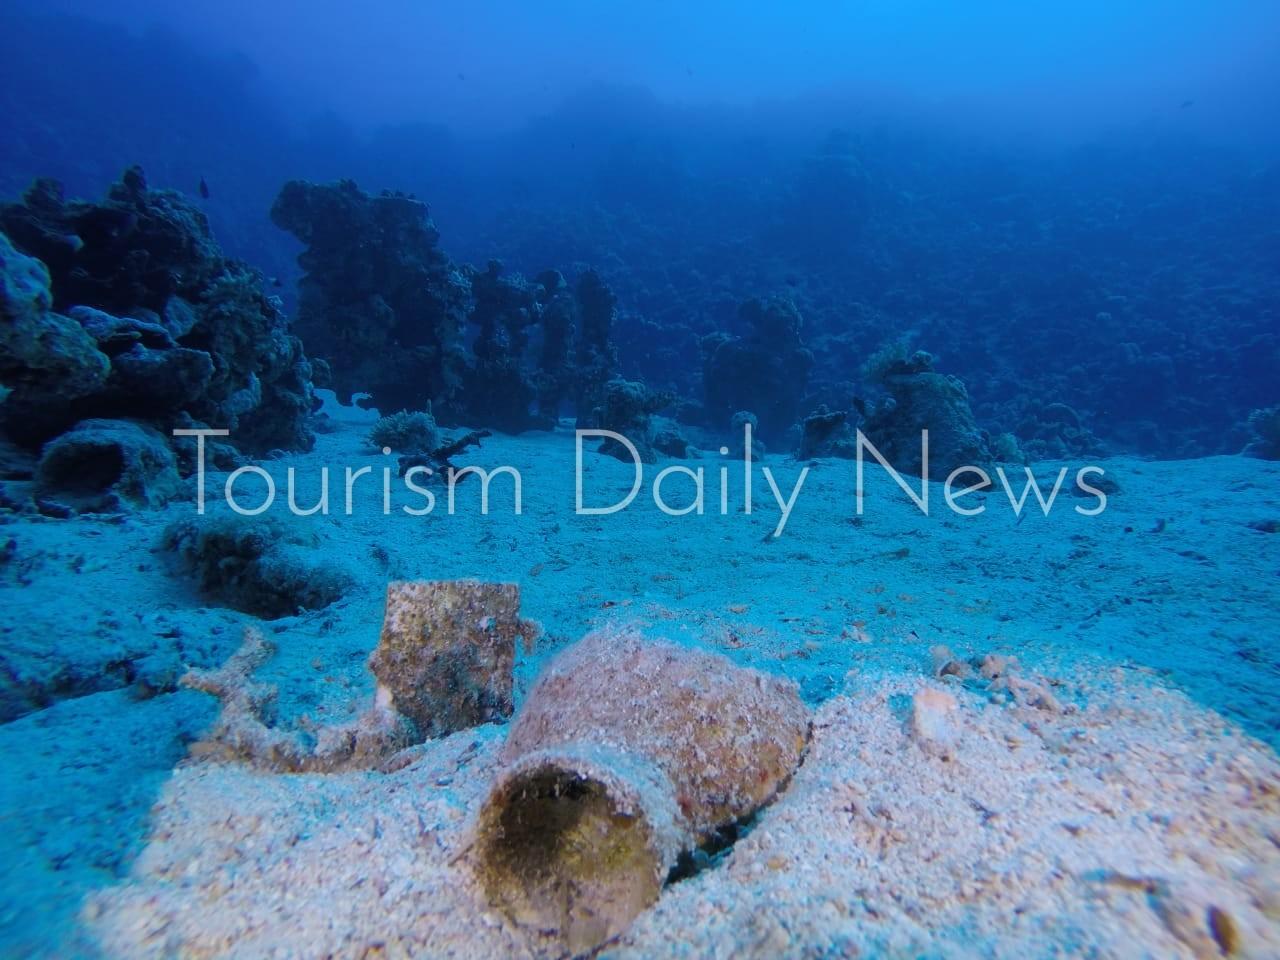 العثور على مقدمة السفينة الغارقة بجزيرة سعدانة بالبحر الأحمر3